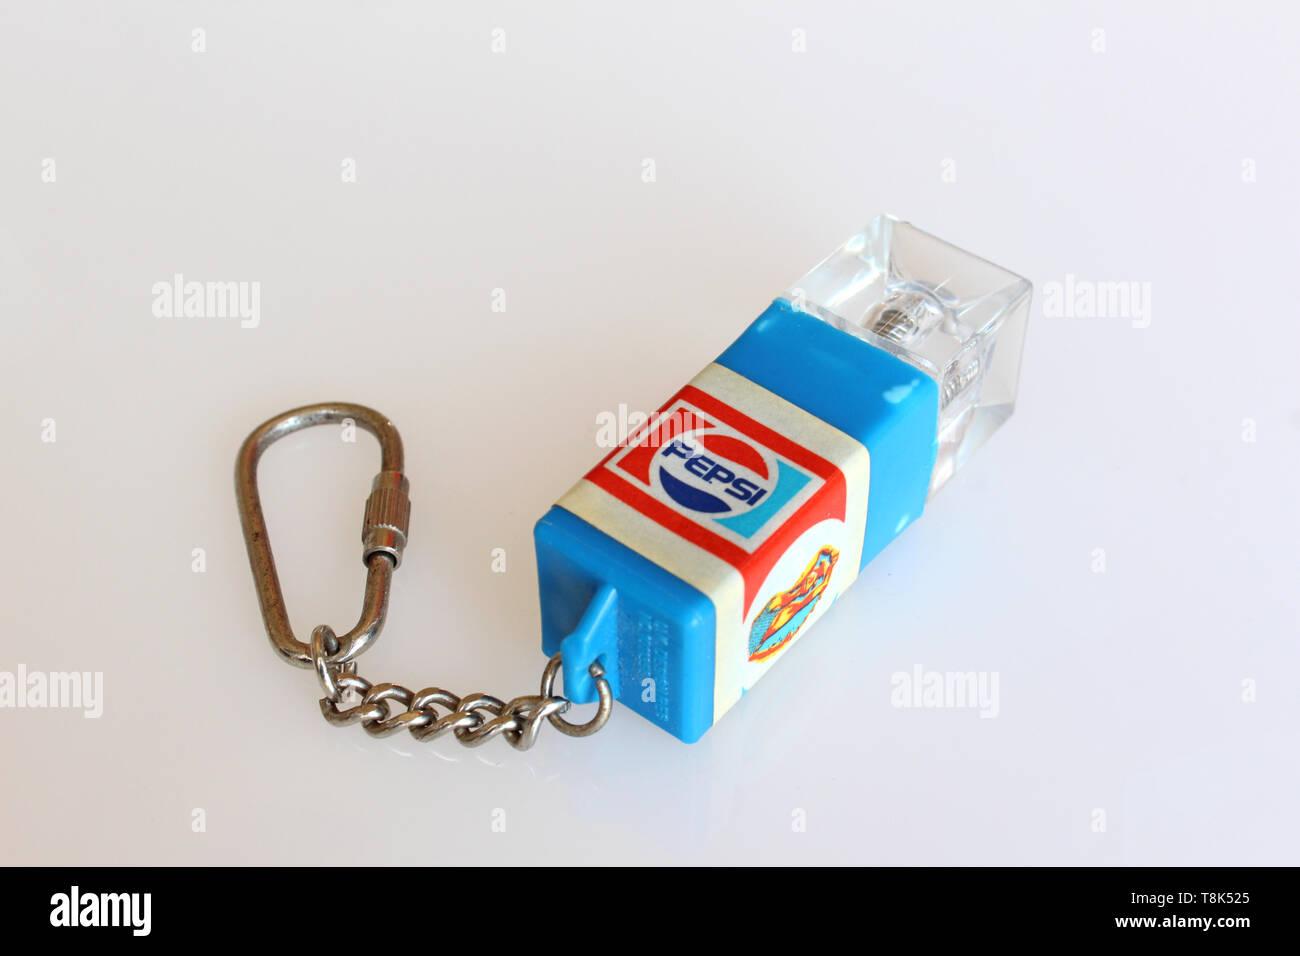 Pepsi-Cola anello chiave, isolati su sfondo bianco, close-up Immagini Stock